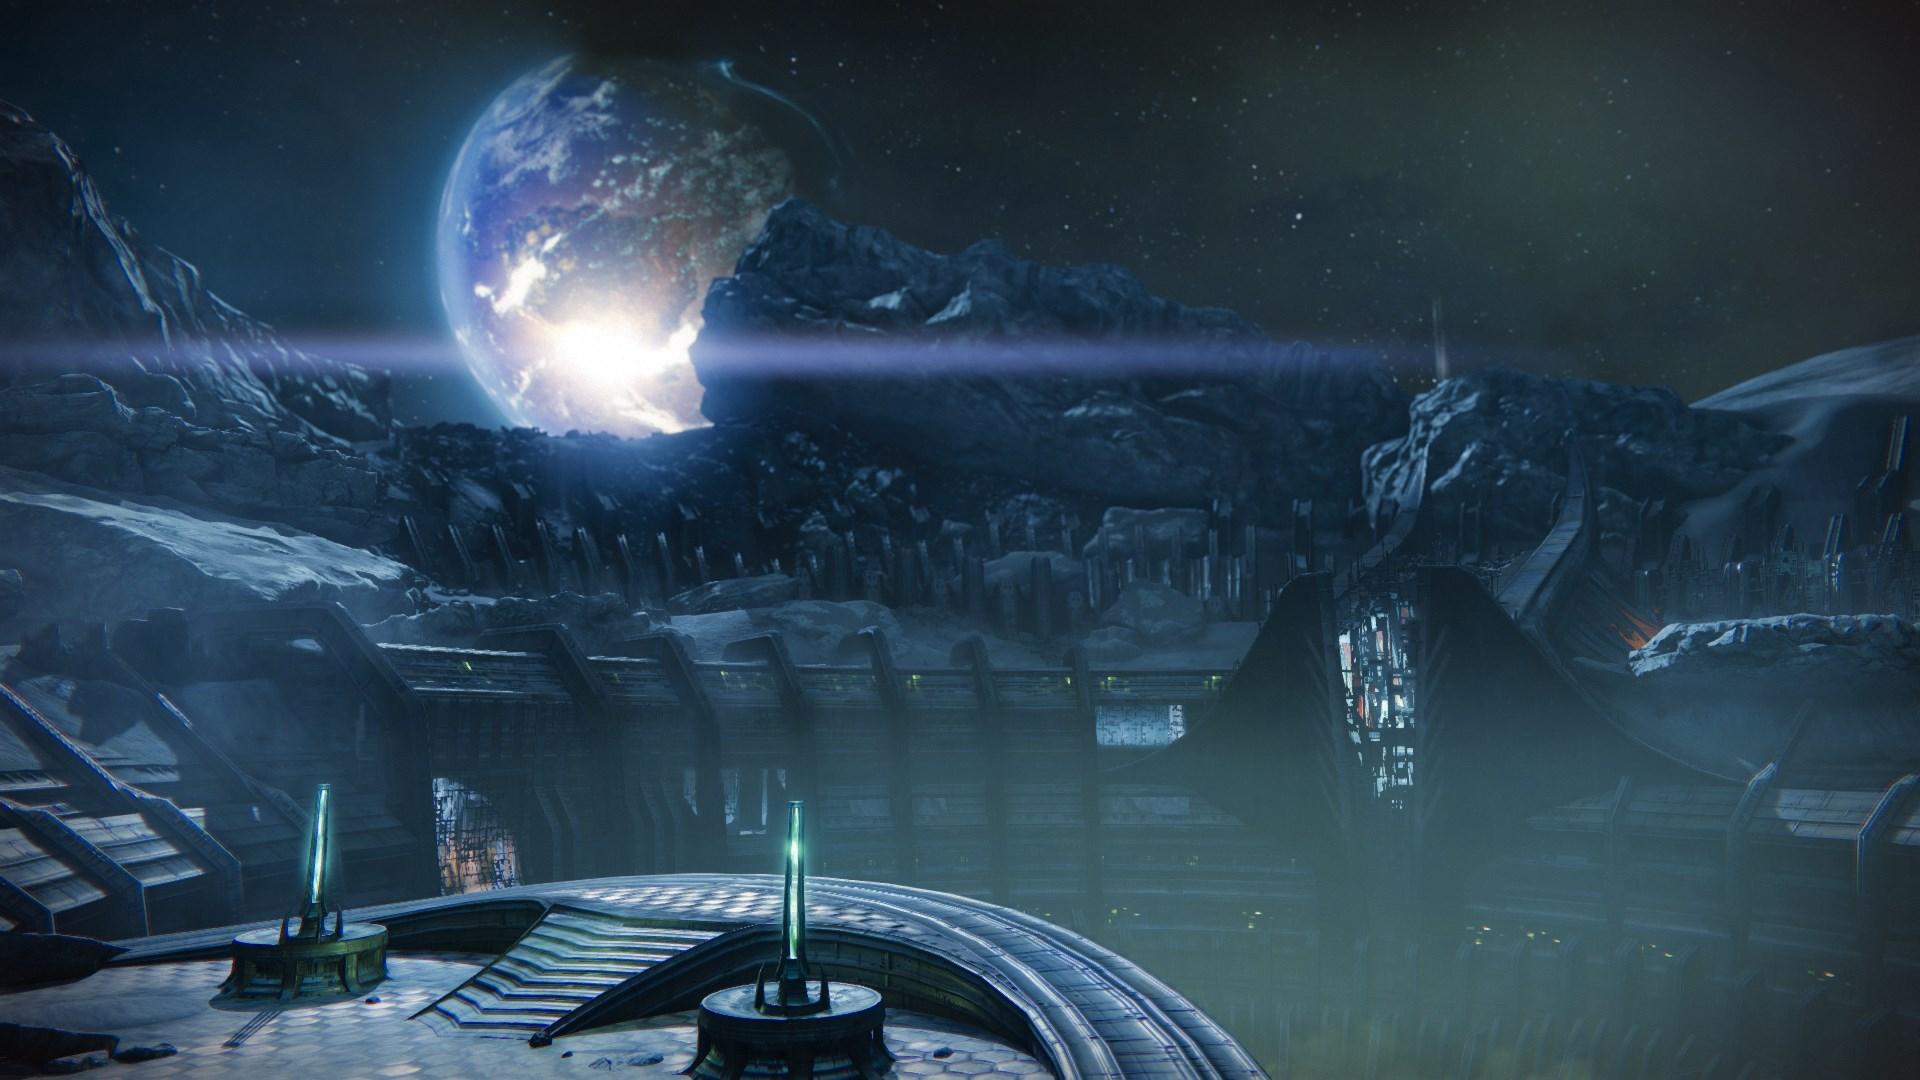 Boj na Měsíci v podání Destiny 88416